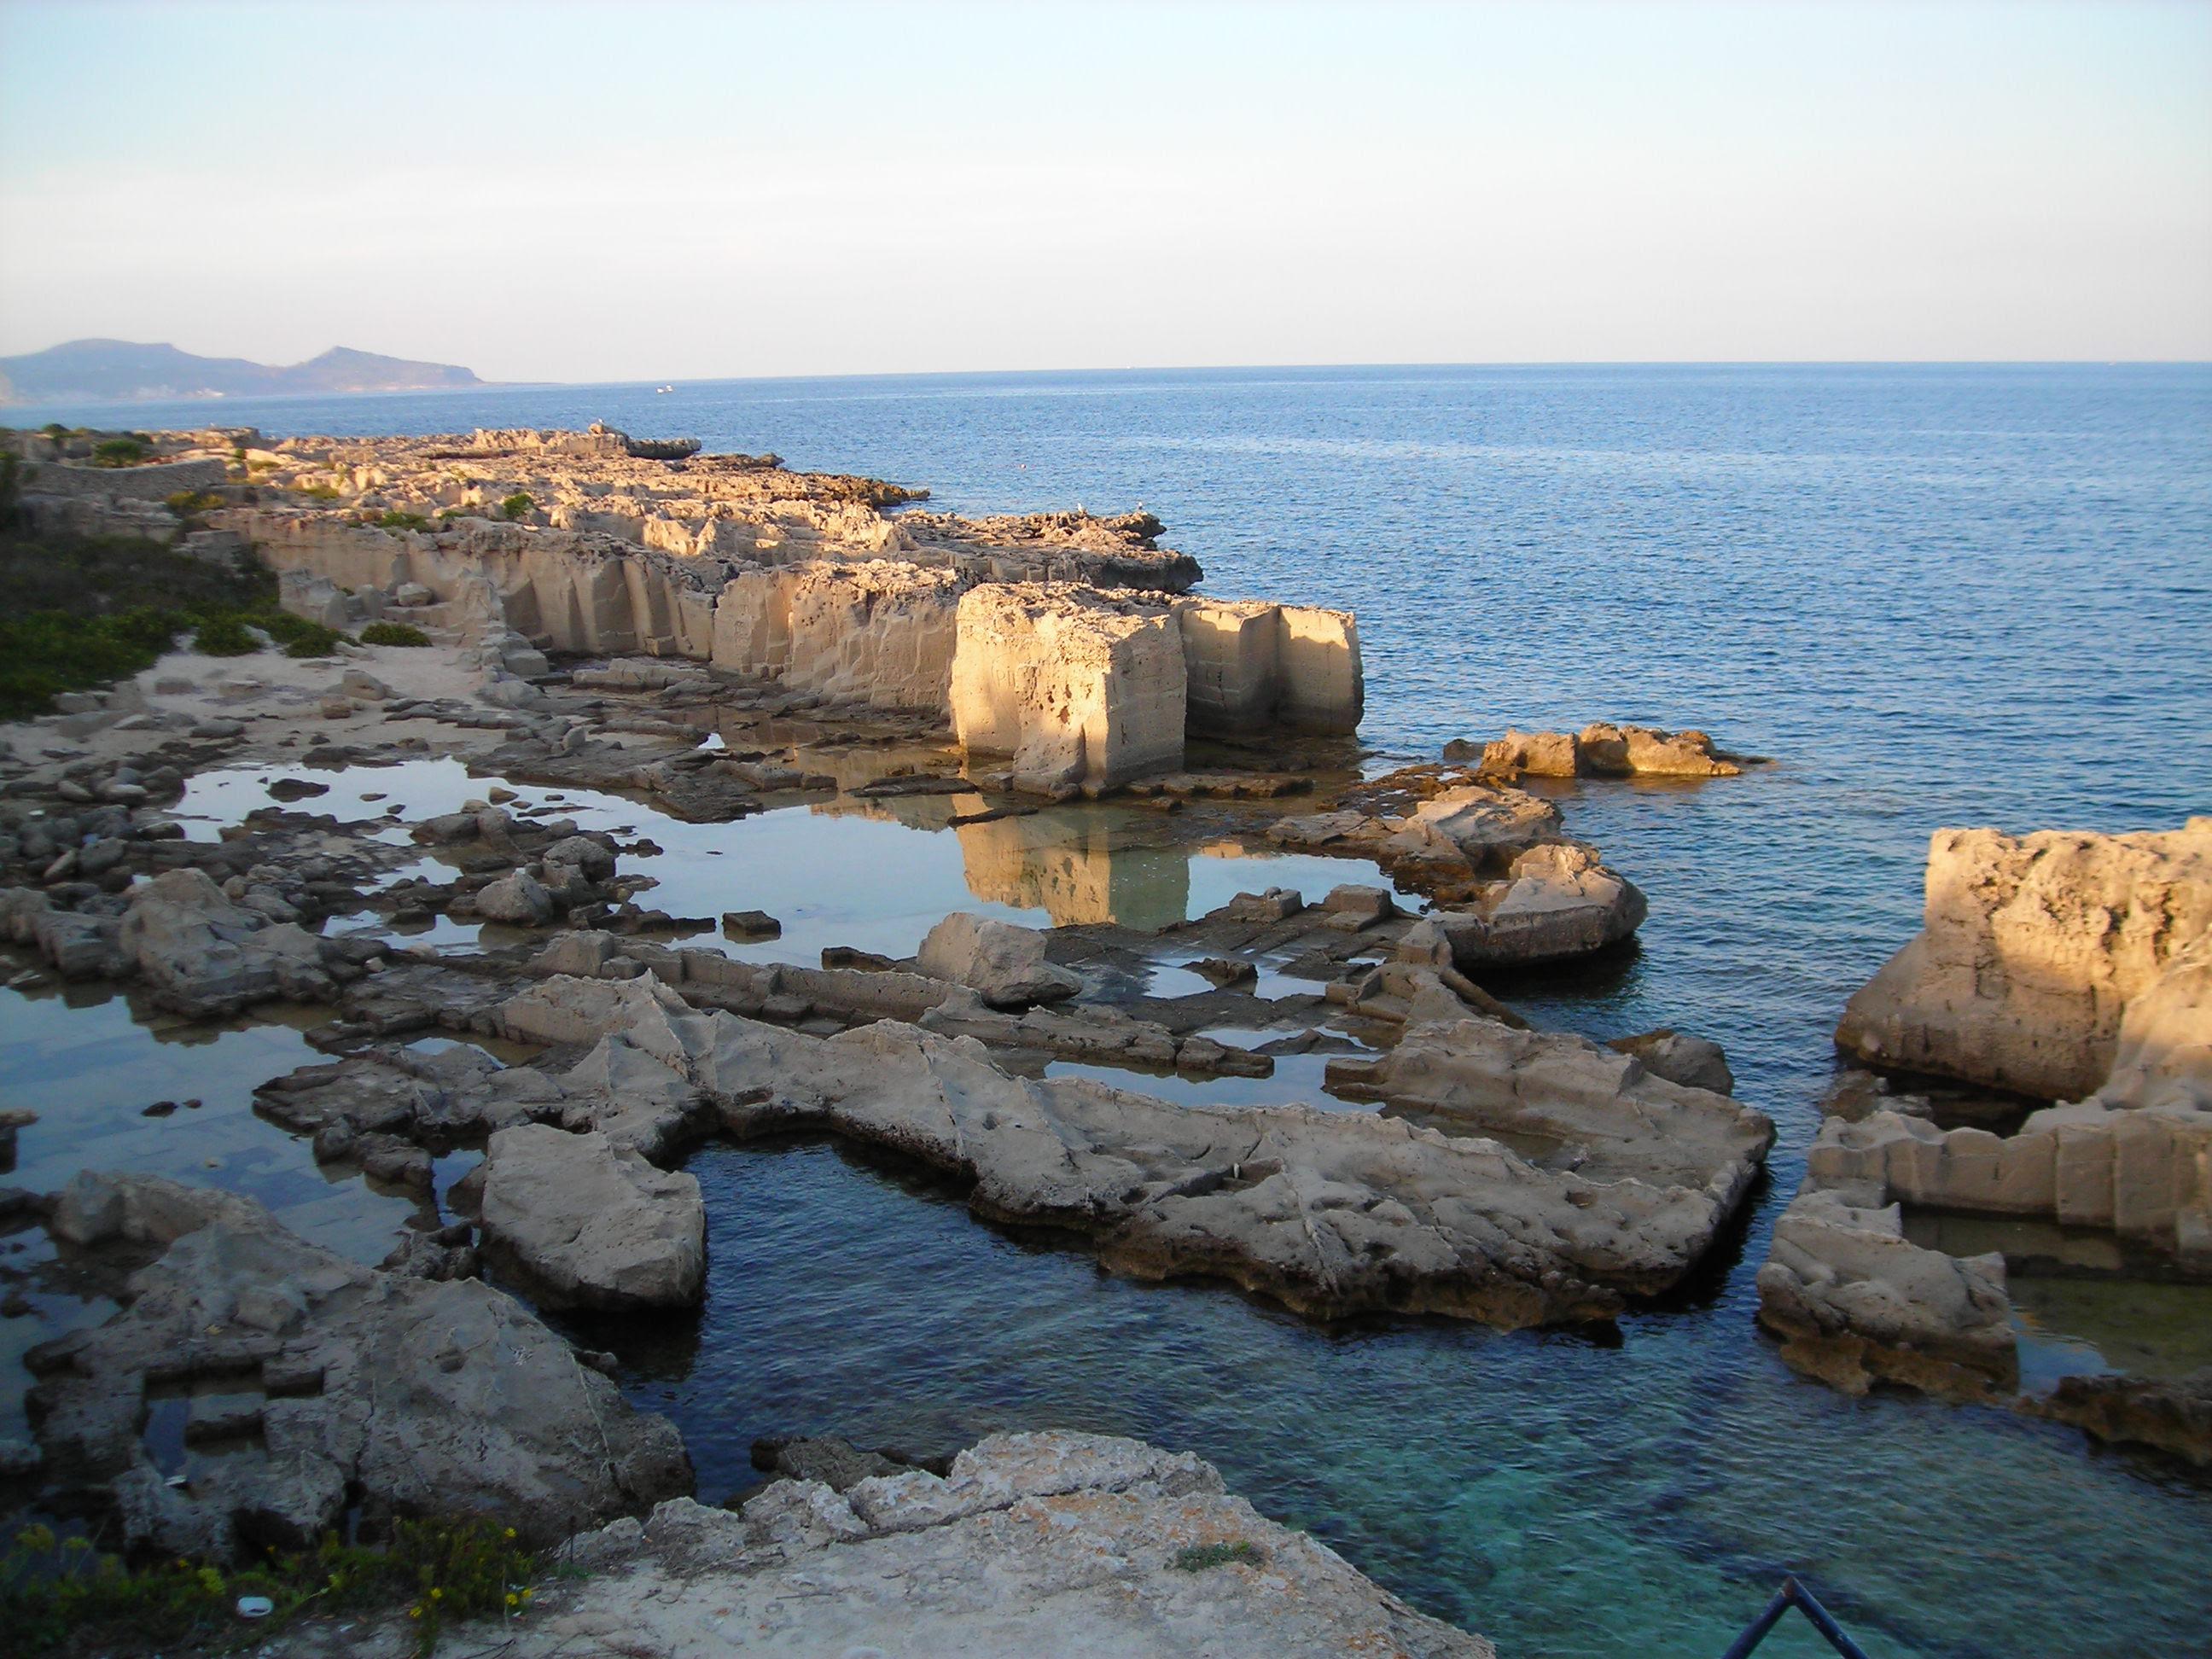 http://upload.wikimedia.org/wikipedia/commons/0/0a/Sicily_-_Favignana_-_Cala_Rossa.jpg